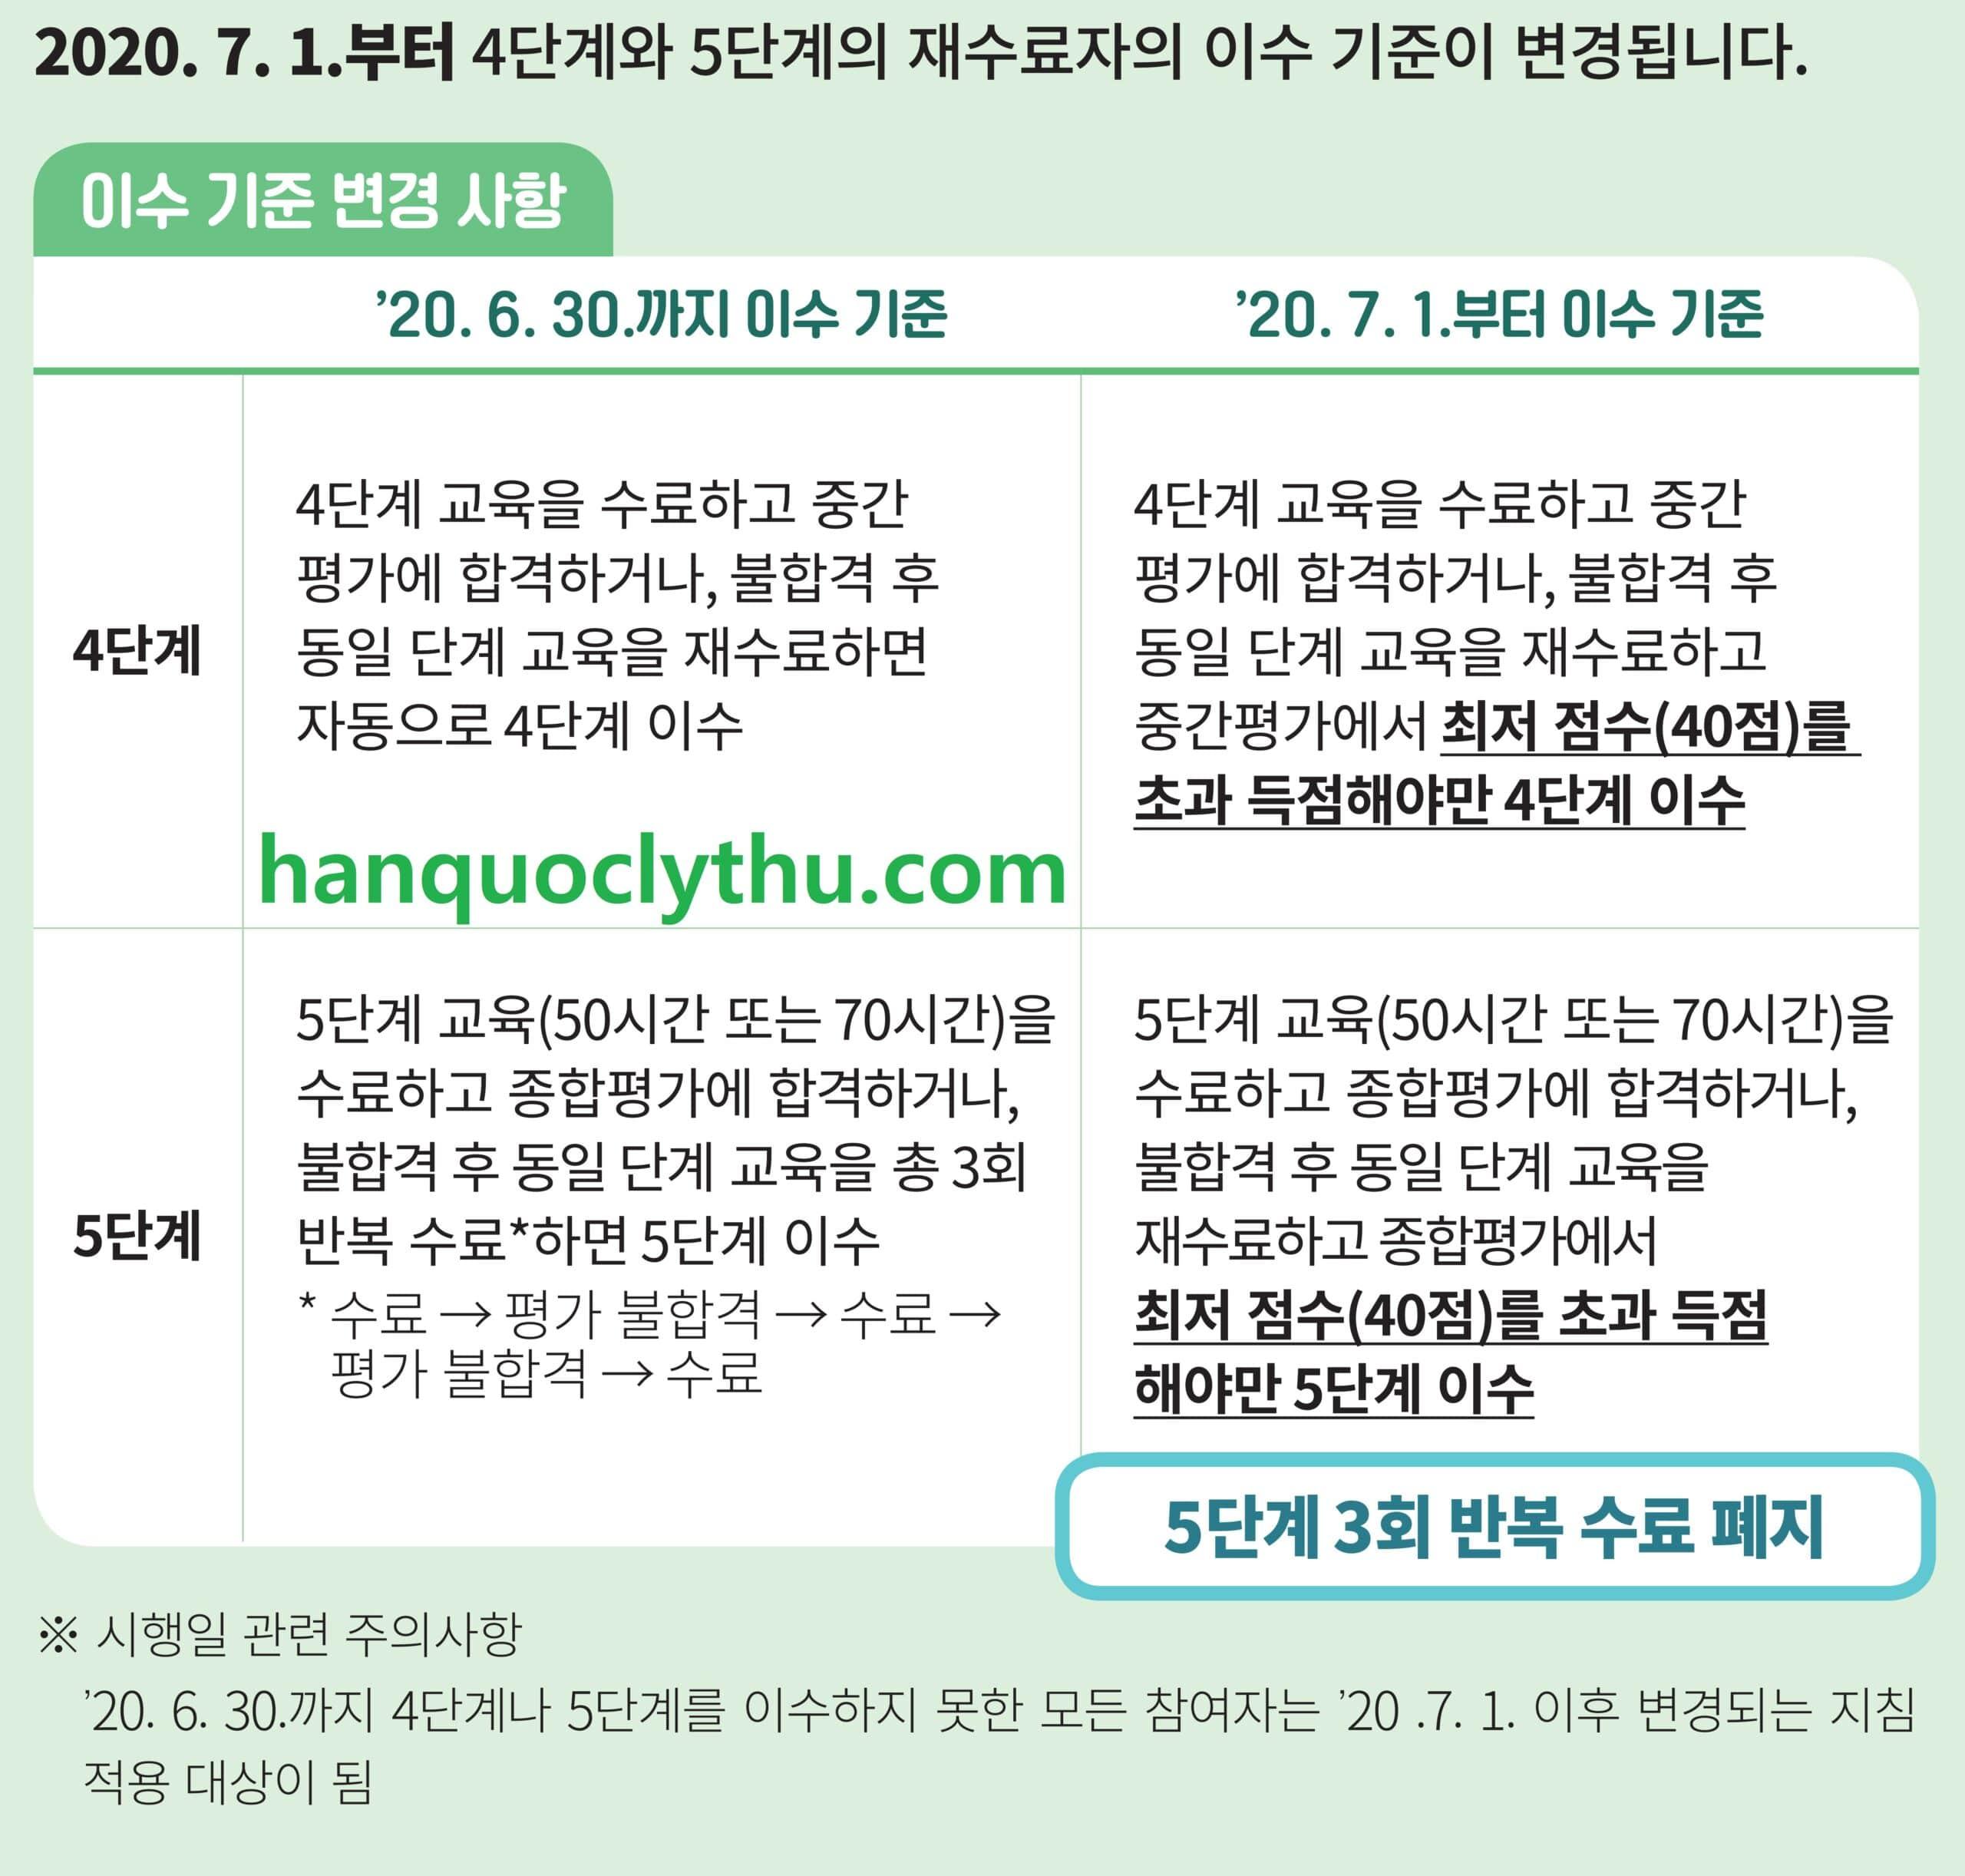 Tiếng Hàn hòa nhập xã hội KIIP 사회통합프로그램 2020